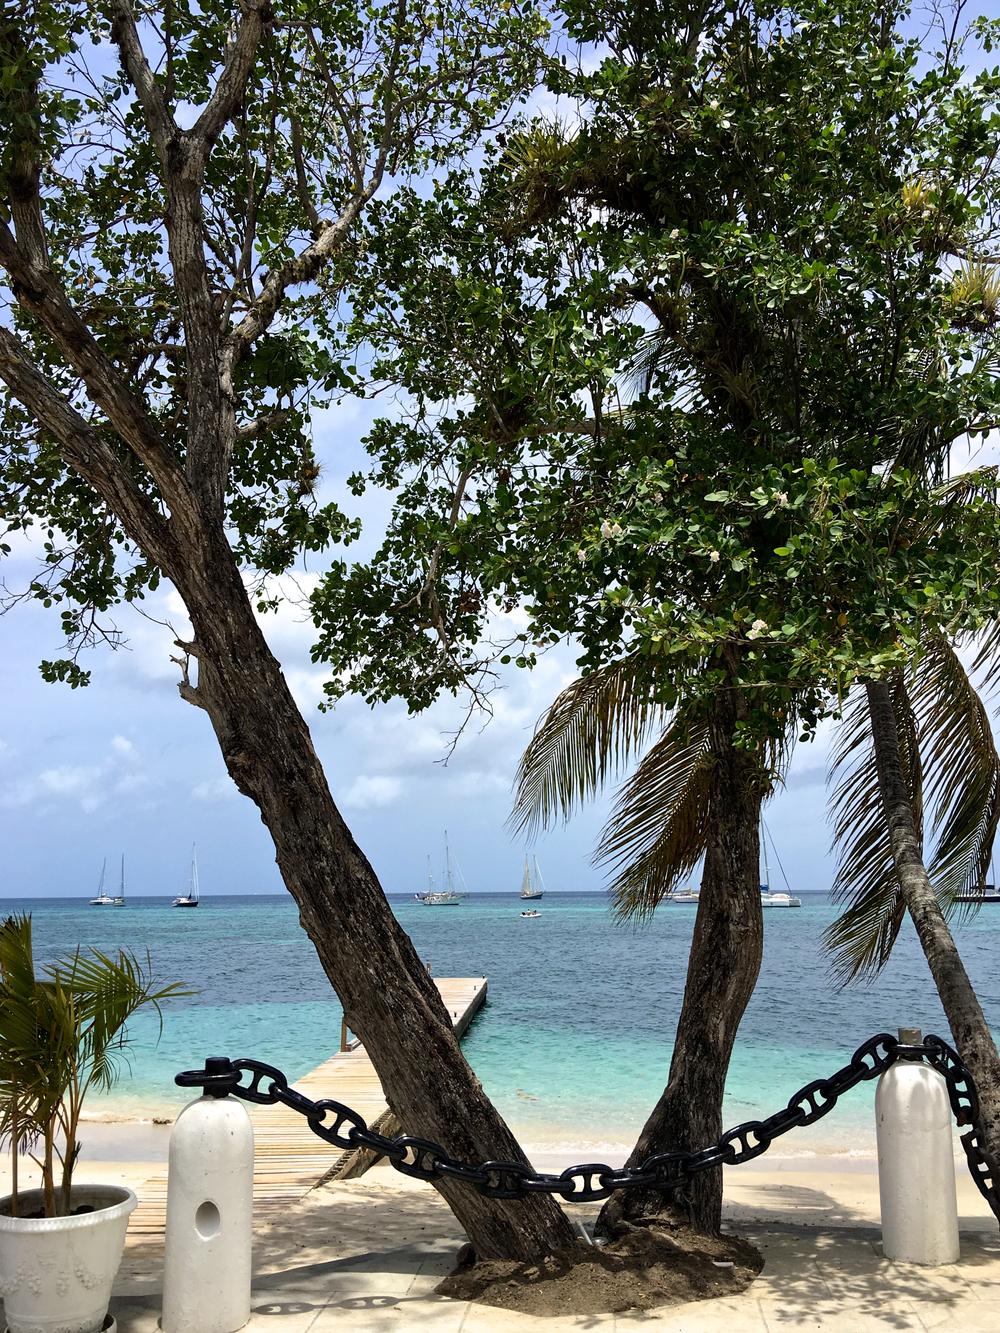 teri_bequia_pt4_snorkeling_lunch_spiritedtable_photo08.jpg